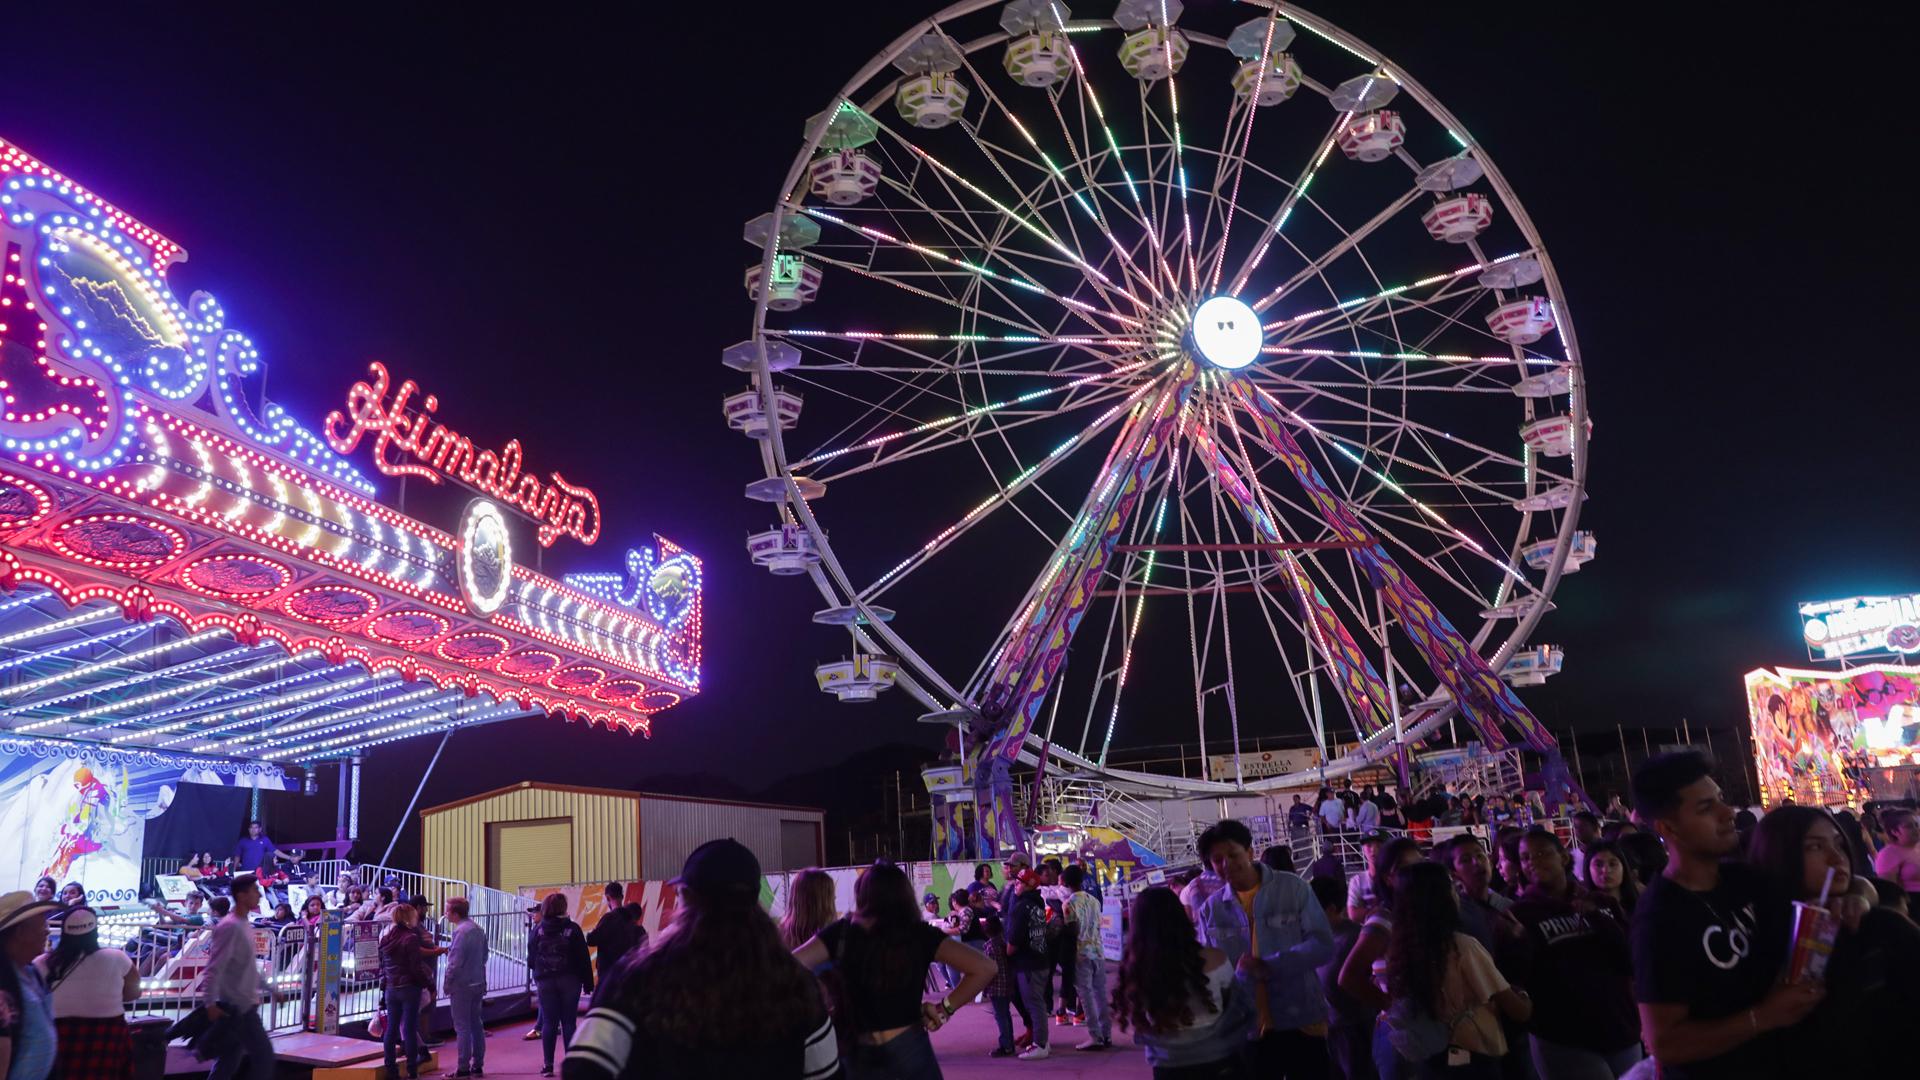 SoCalFair-events-carousel1